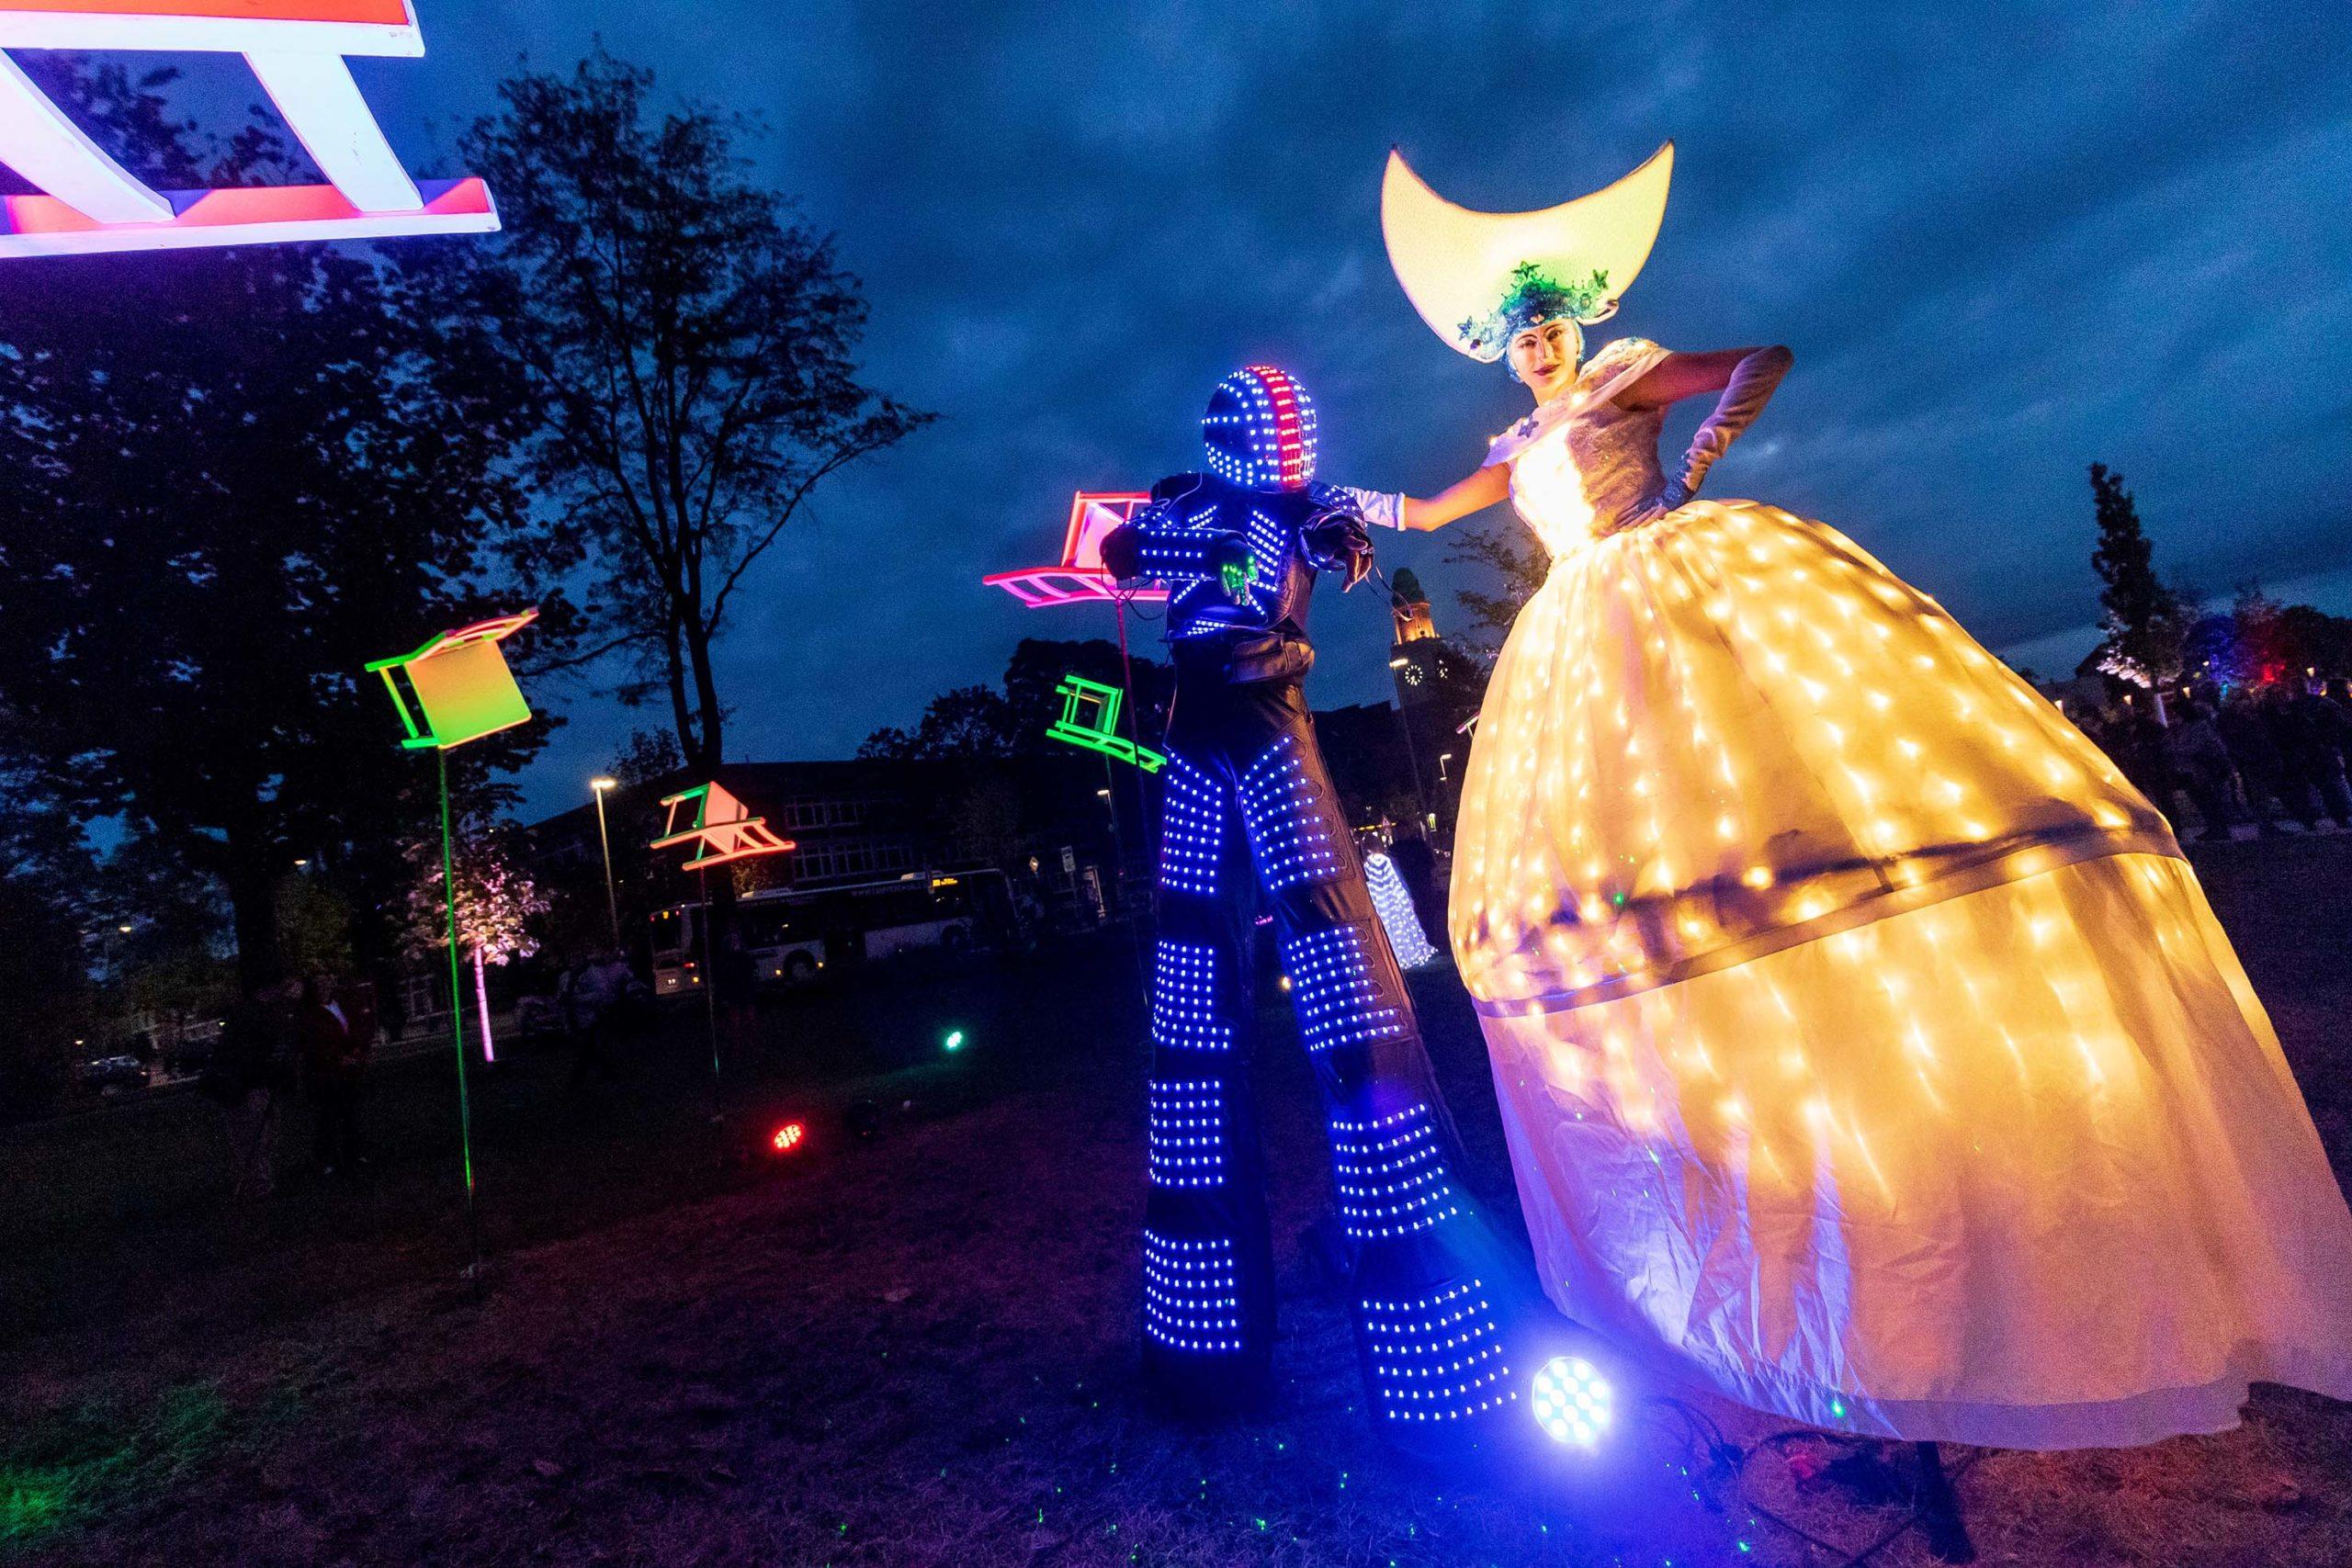 Vom 29. September bis 3. Oktober erstrahlt Buer in den Abendstunden in bunten Farben. Über die gesamte Innenstadt verteilt zeigen die Goldstücke dann Lichtkunst und Illumination. Das erwartet die Besucherinnen und Besucher.